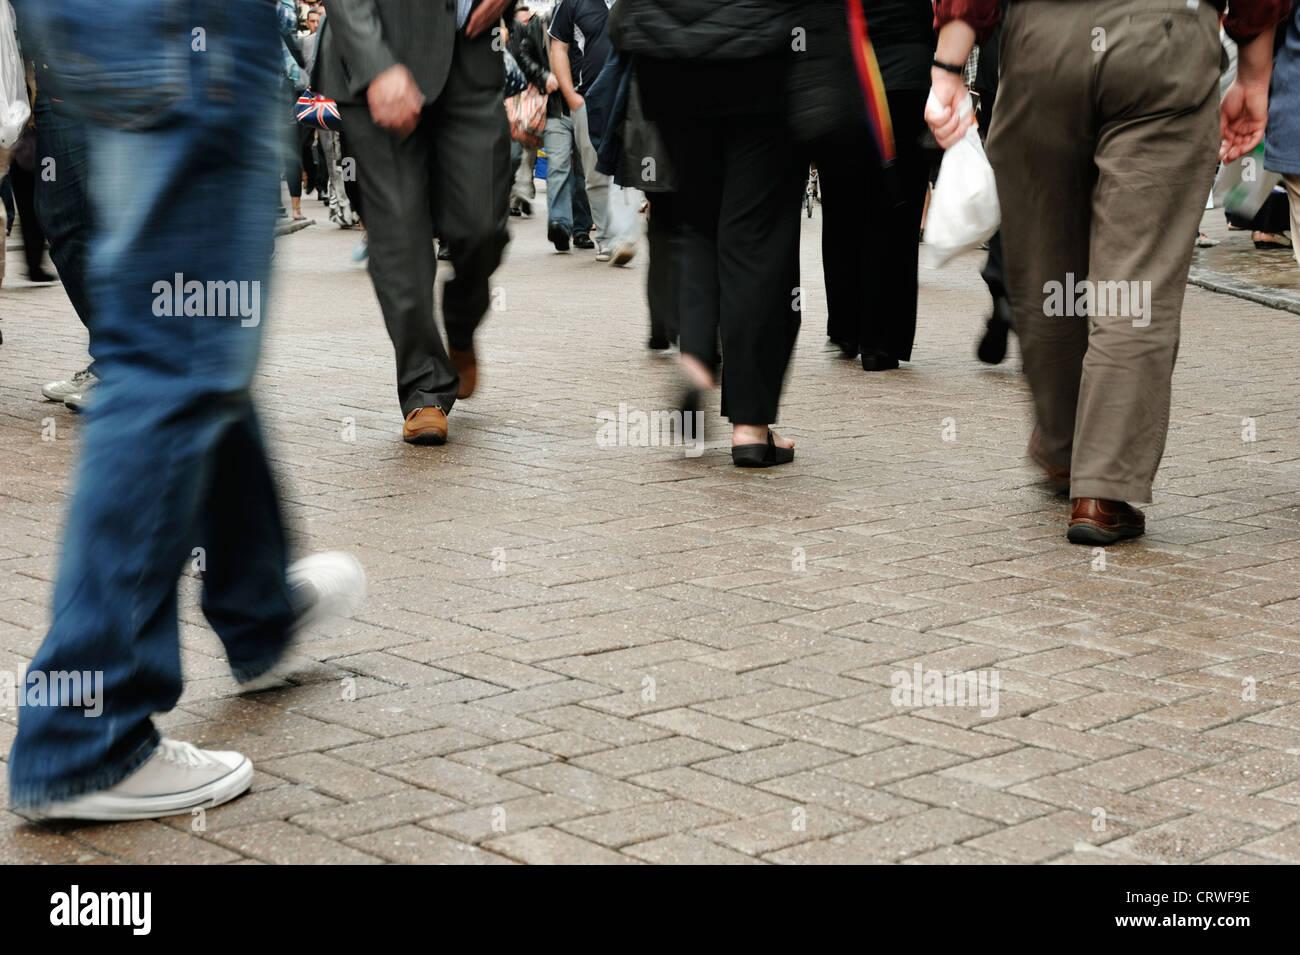 Massen von Menschen mit Motion blur Stockbild